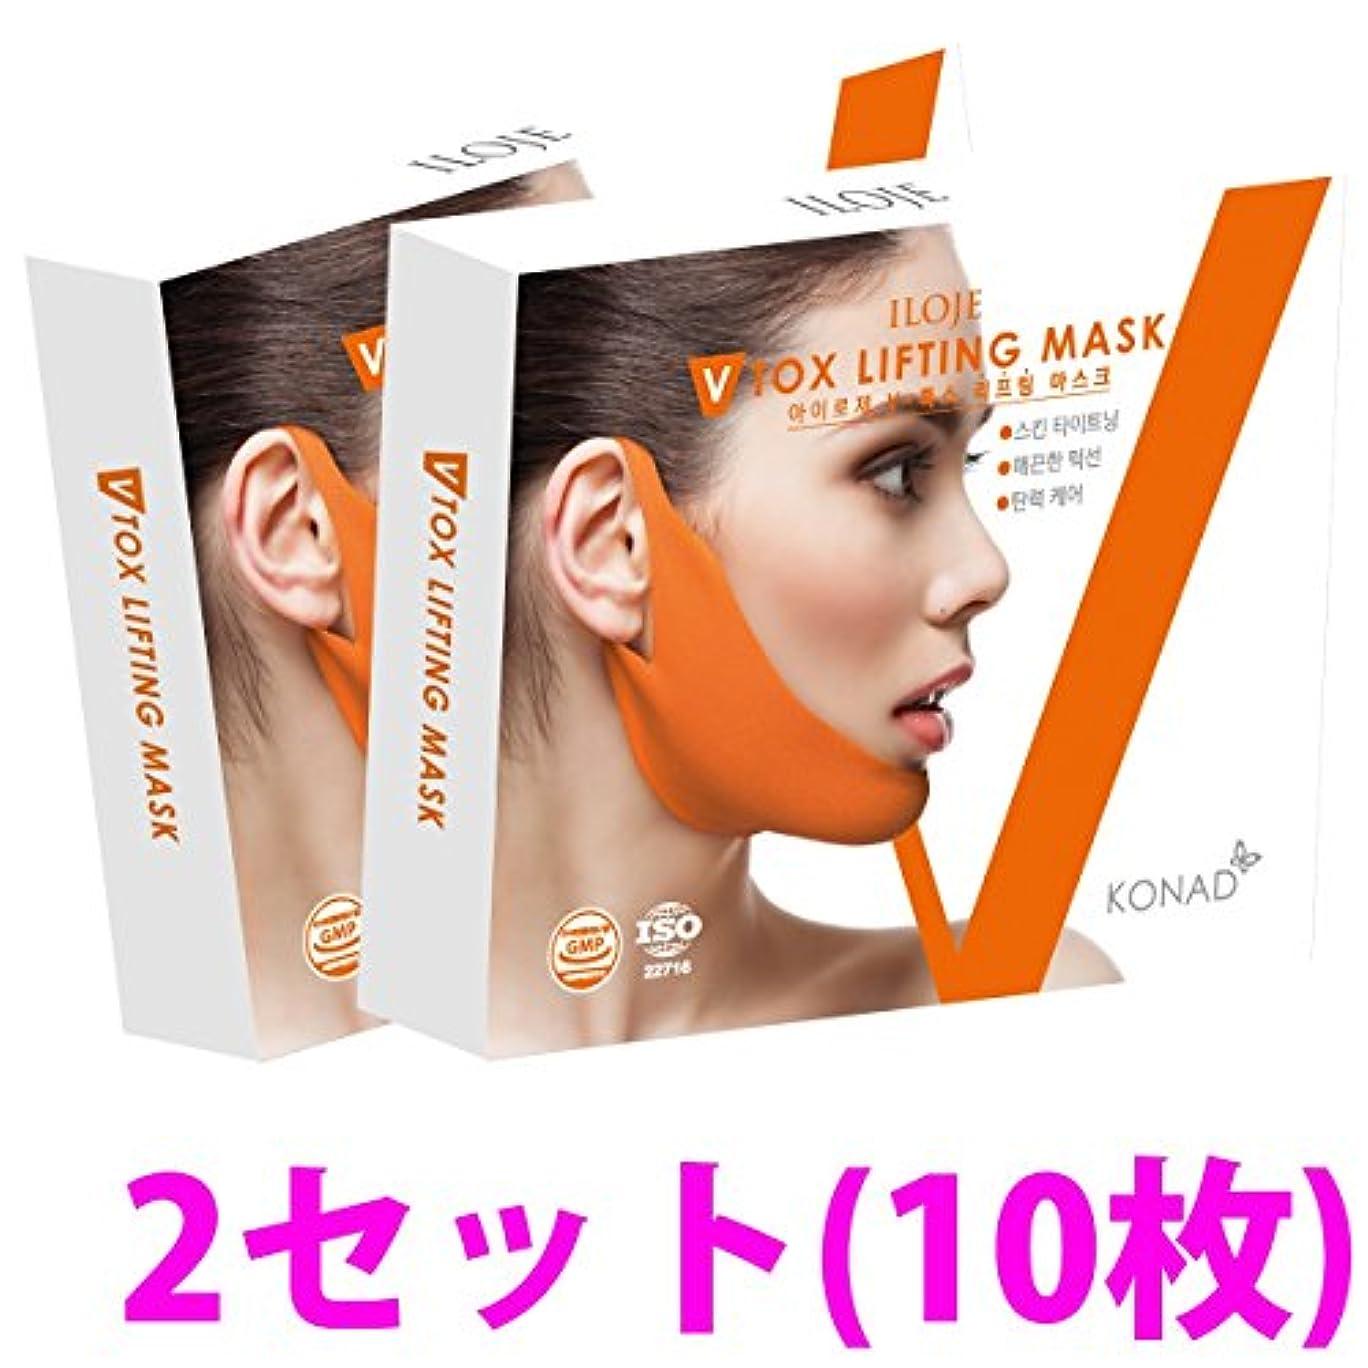 オーストラリアフリンジ下向き女性の年齢は顎の輪郭で決まる!V-TOXリフティングマスクパック 2セット(10枚)